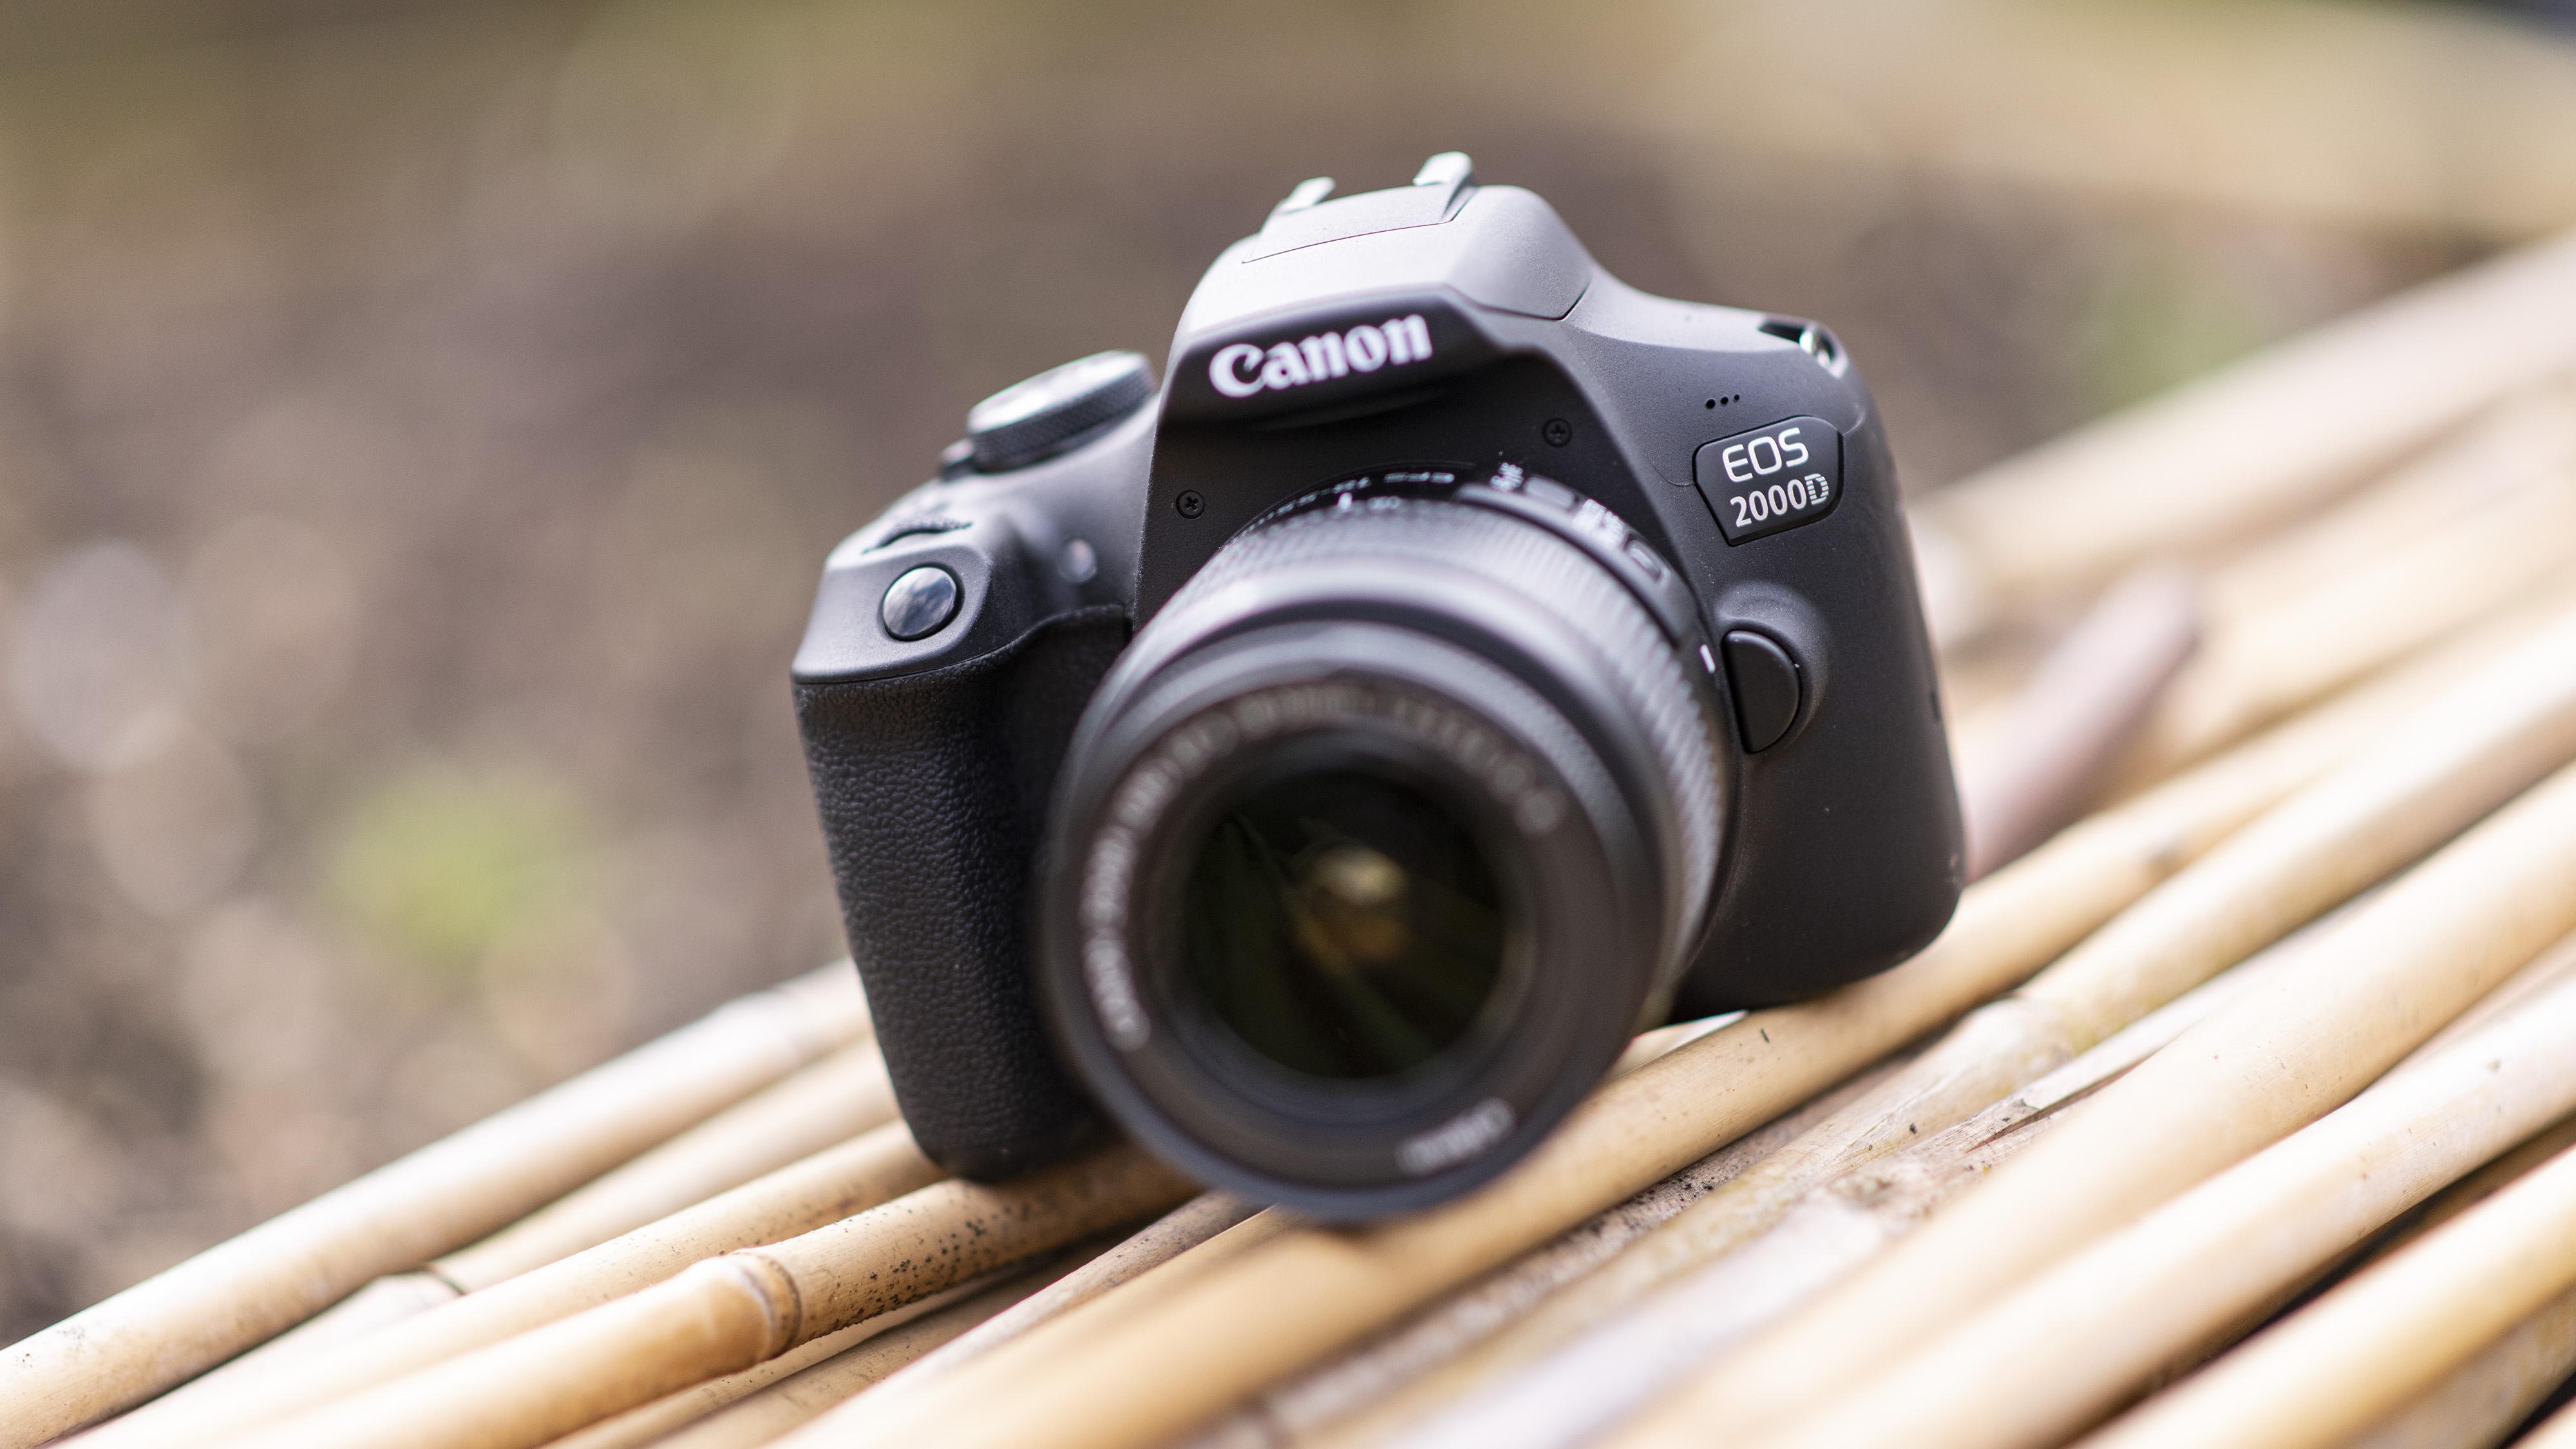 Canon EOS Rebel T7 / Canon EOS 2000D